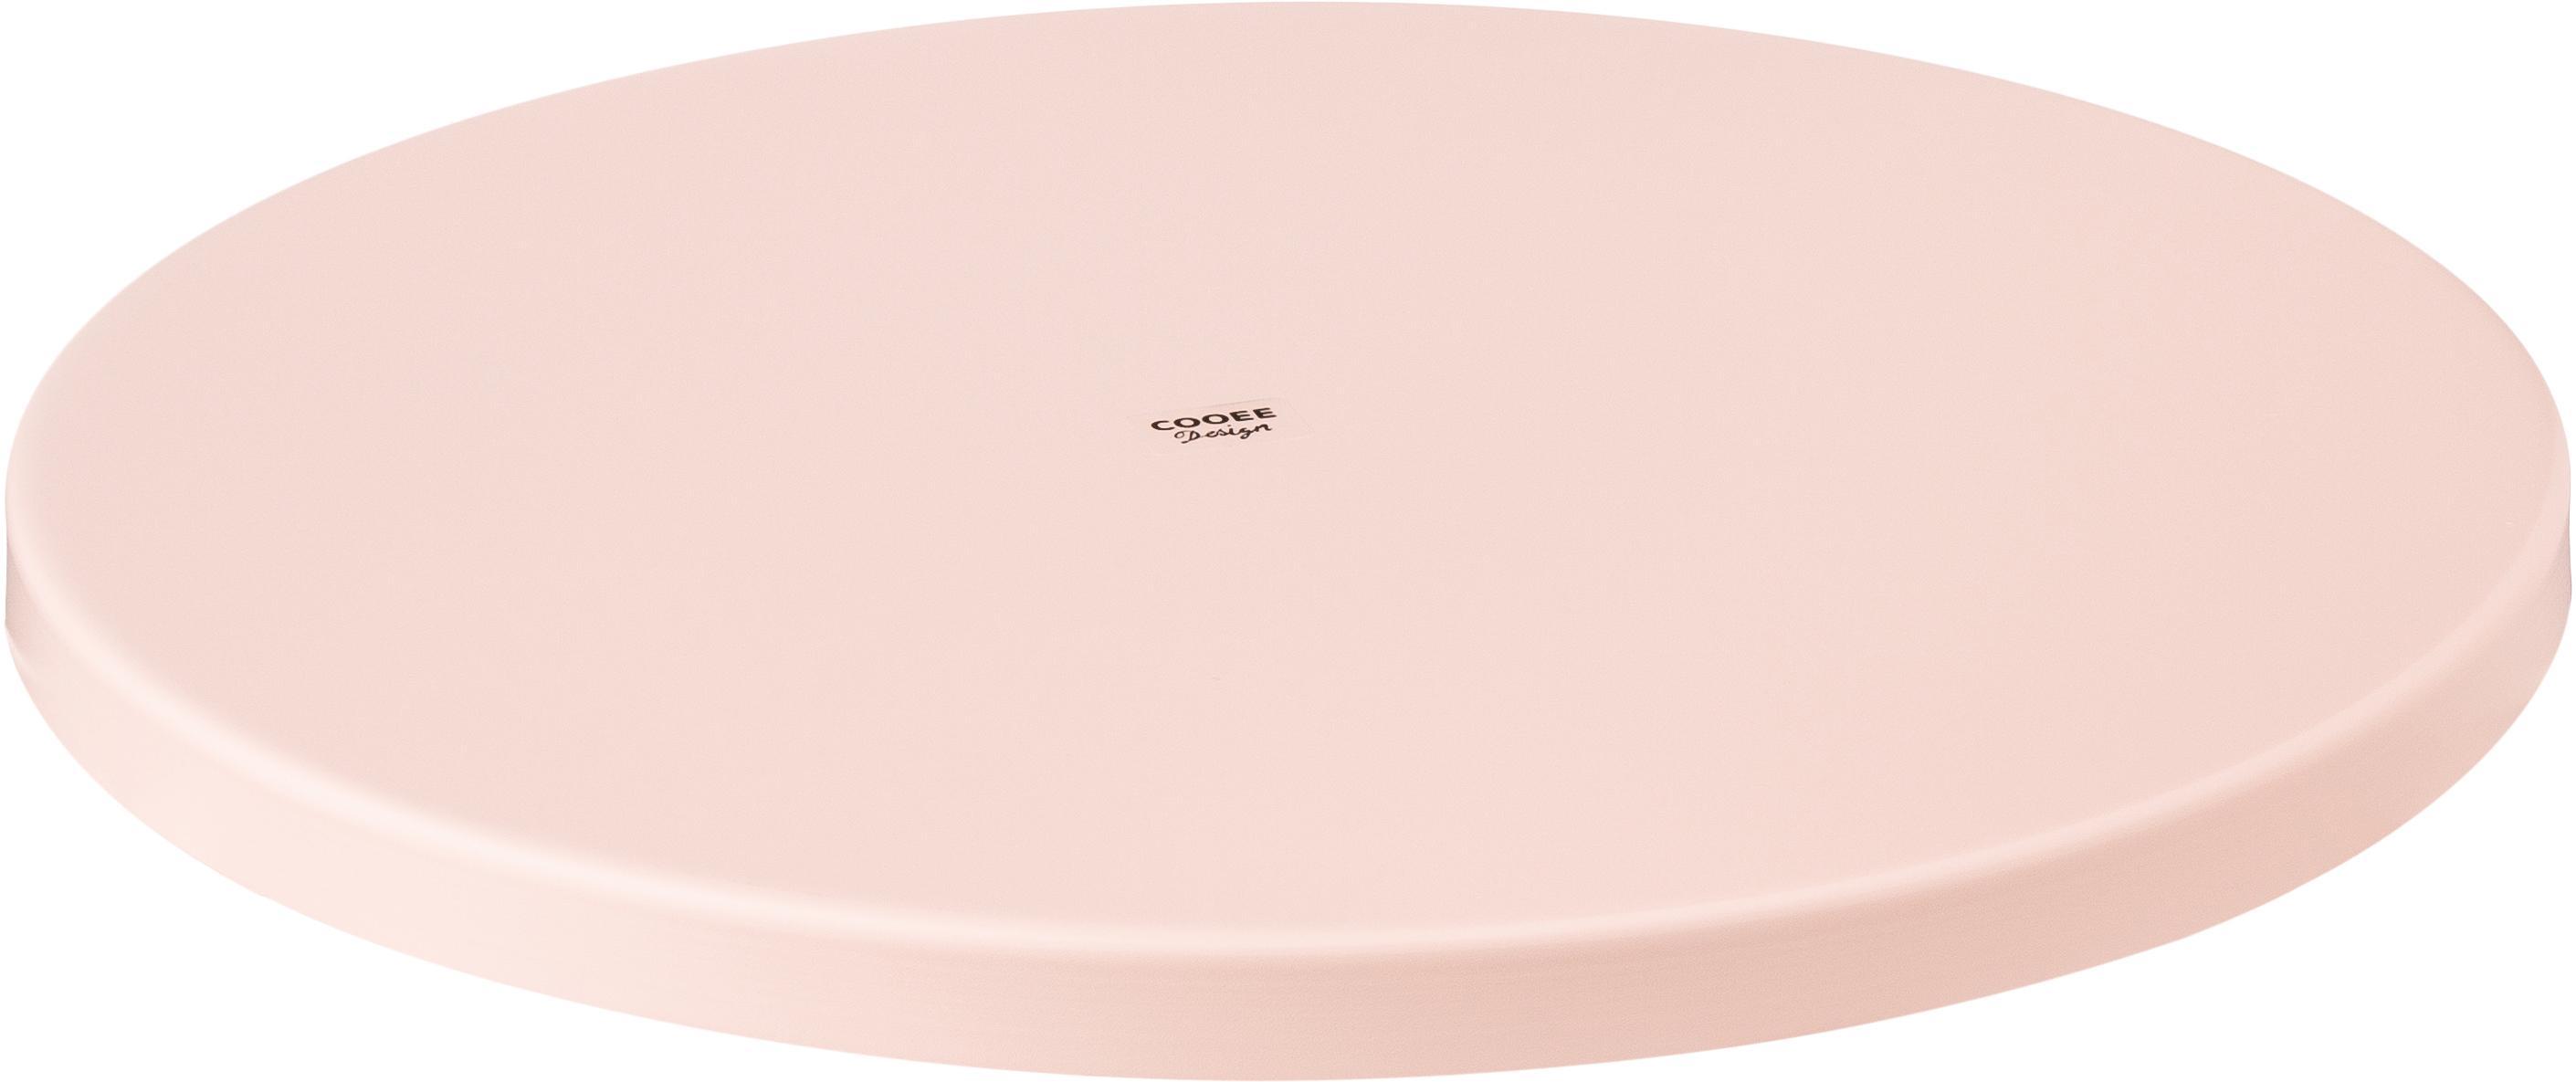 Decoratief dienblad Circle, Gepoedercoat edelstaal, Roze, Ø 30 x H 2 cm